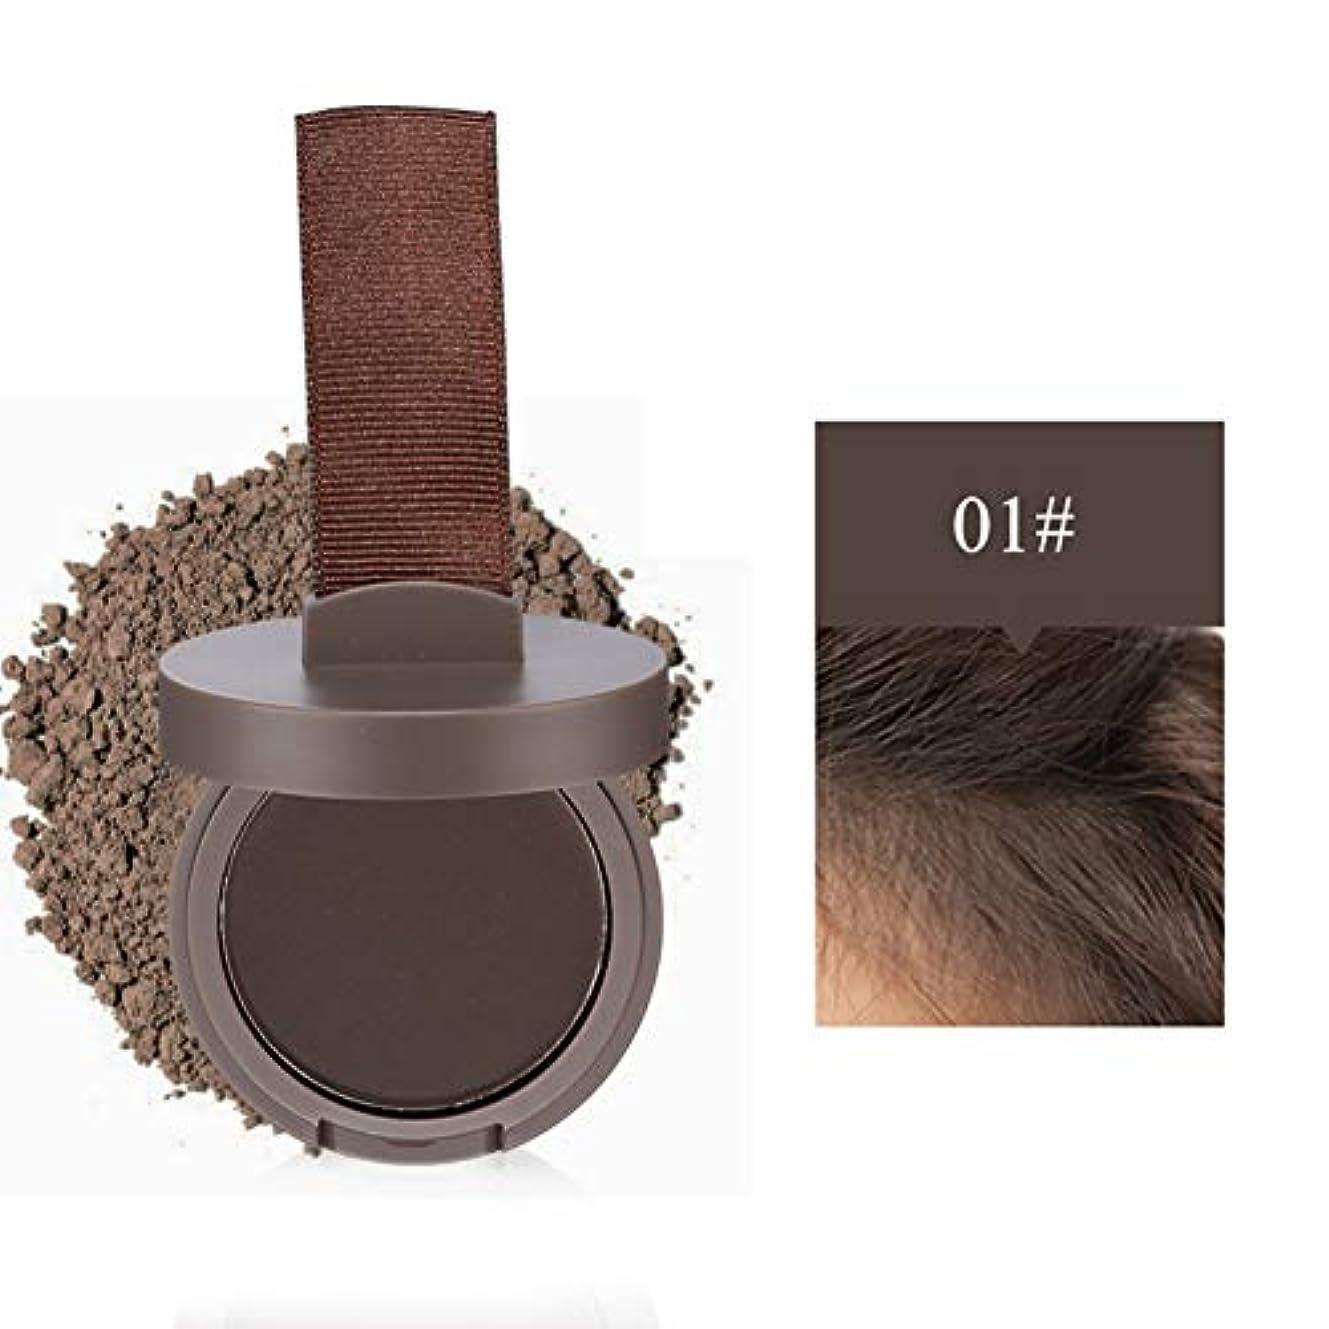 商標供給精通したヘアラインシャドーパウダー ヘアカラーパウダー 髪パウダー白髪をカバー 防水 シャドウパウダー 補充用 男女兼用 深灰色浅棕色红棕色 Cutelove